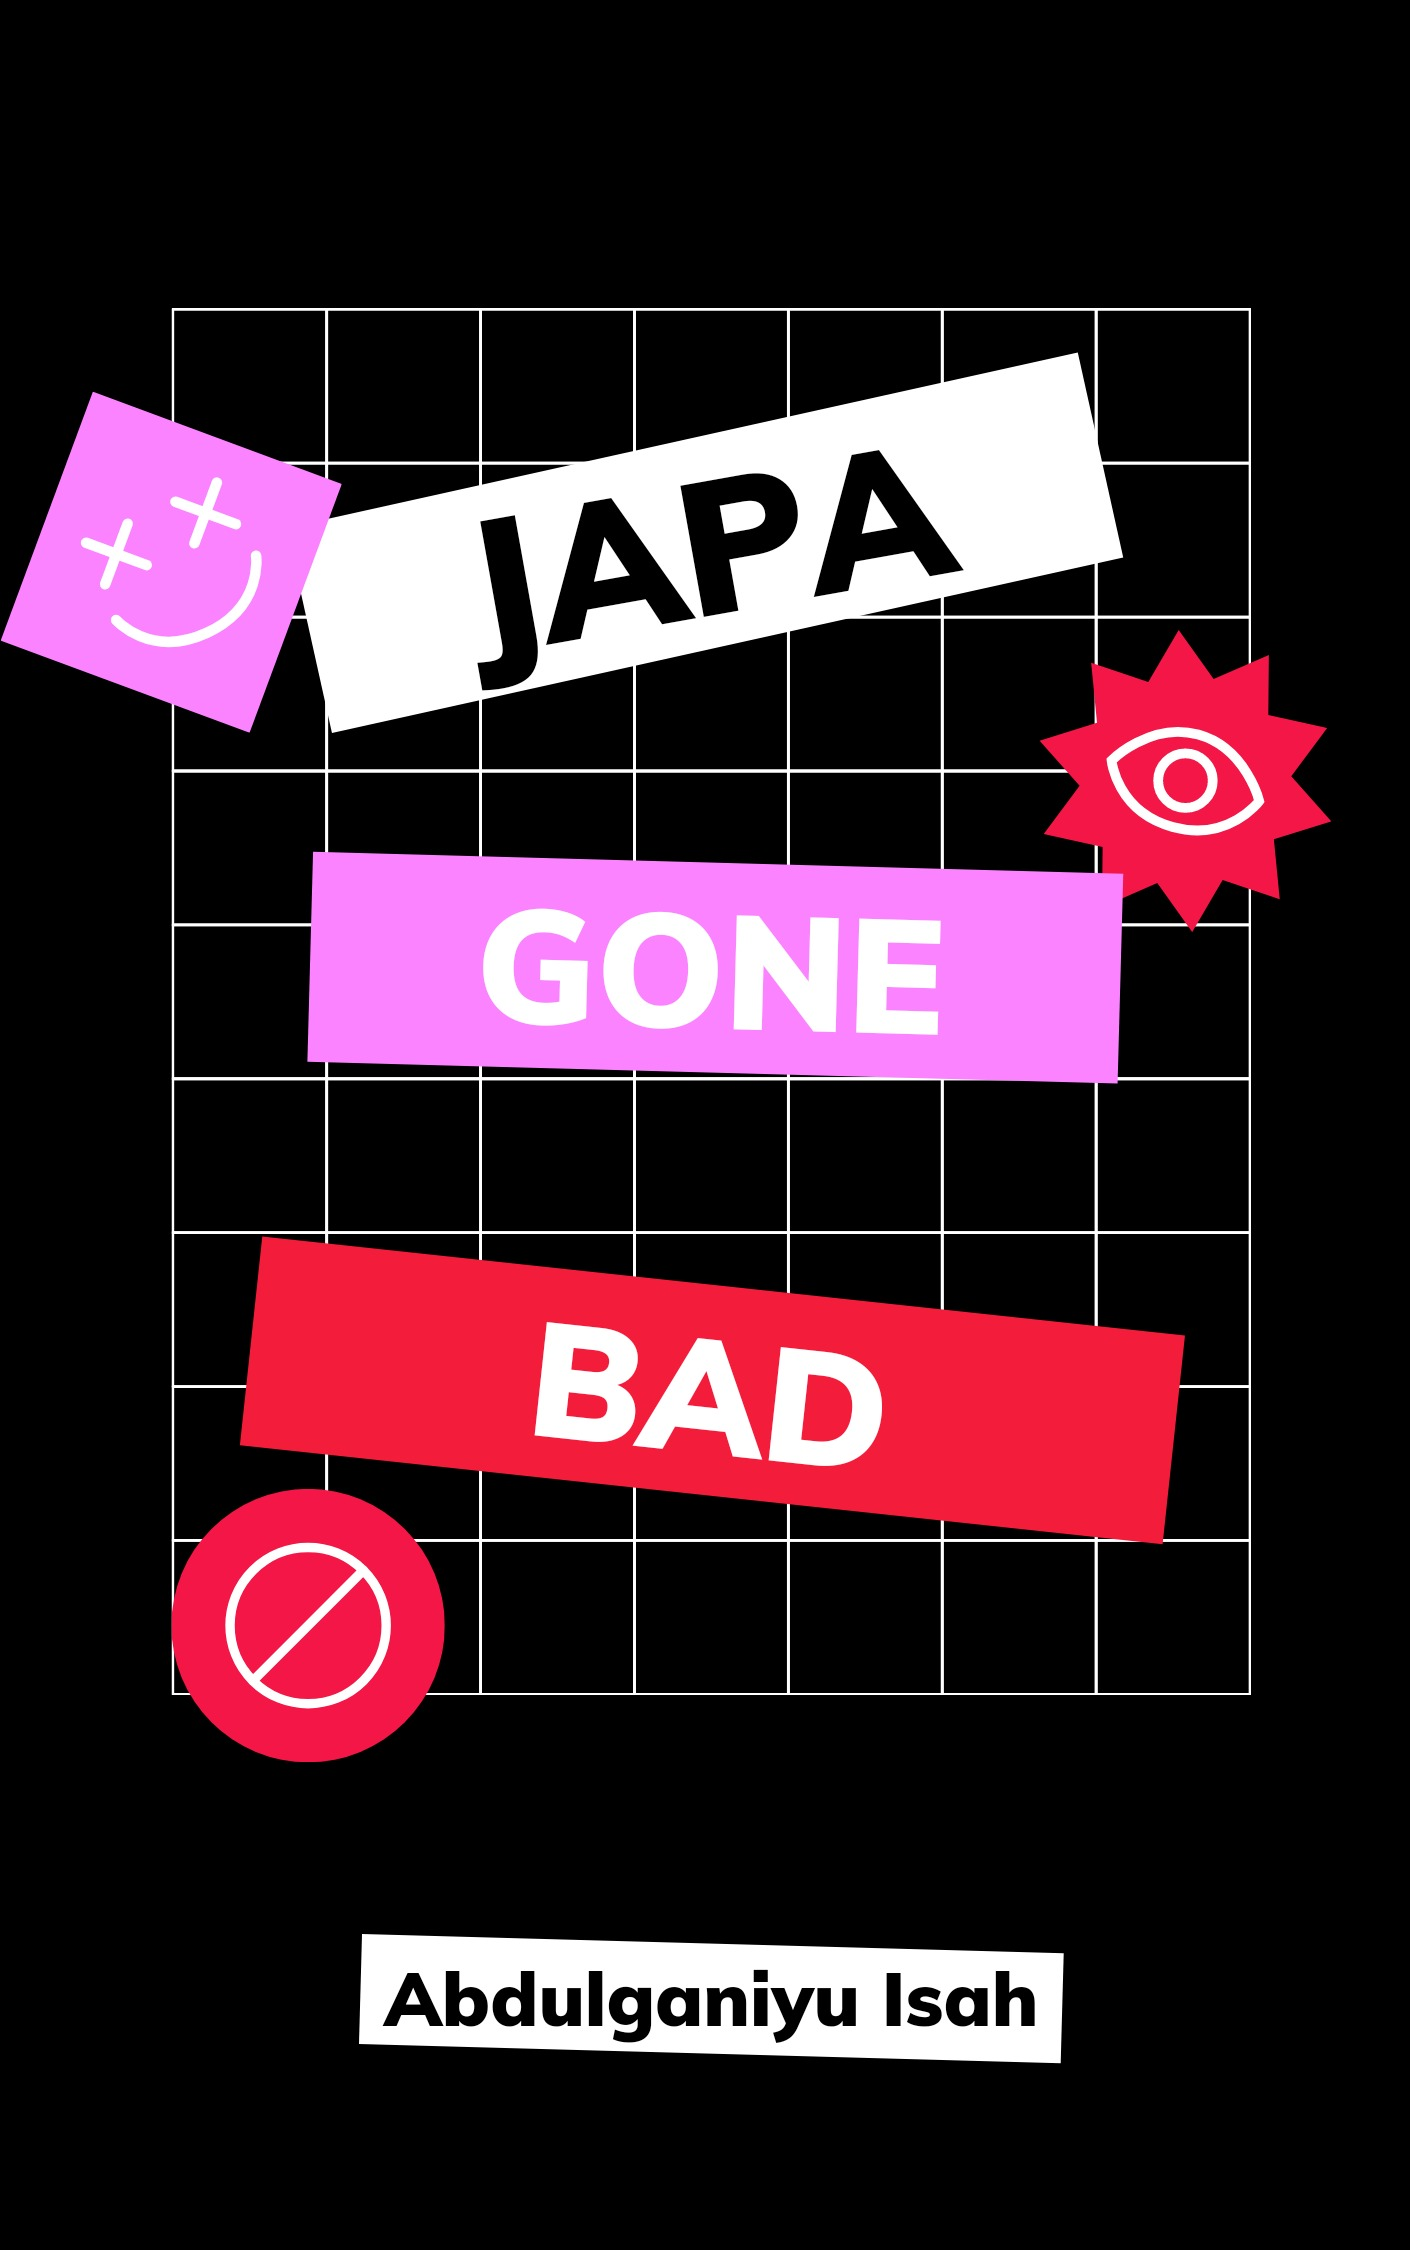 JAPA GONE BAD